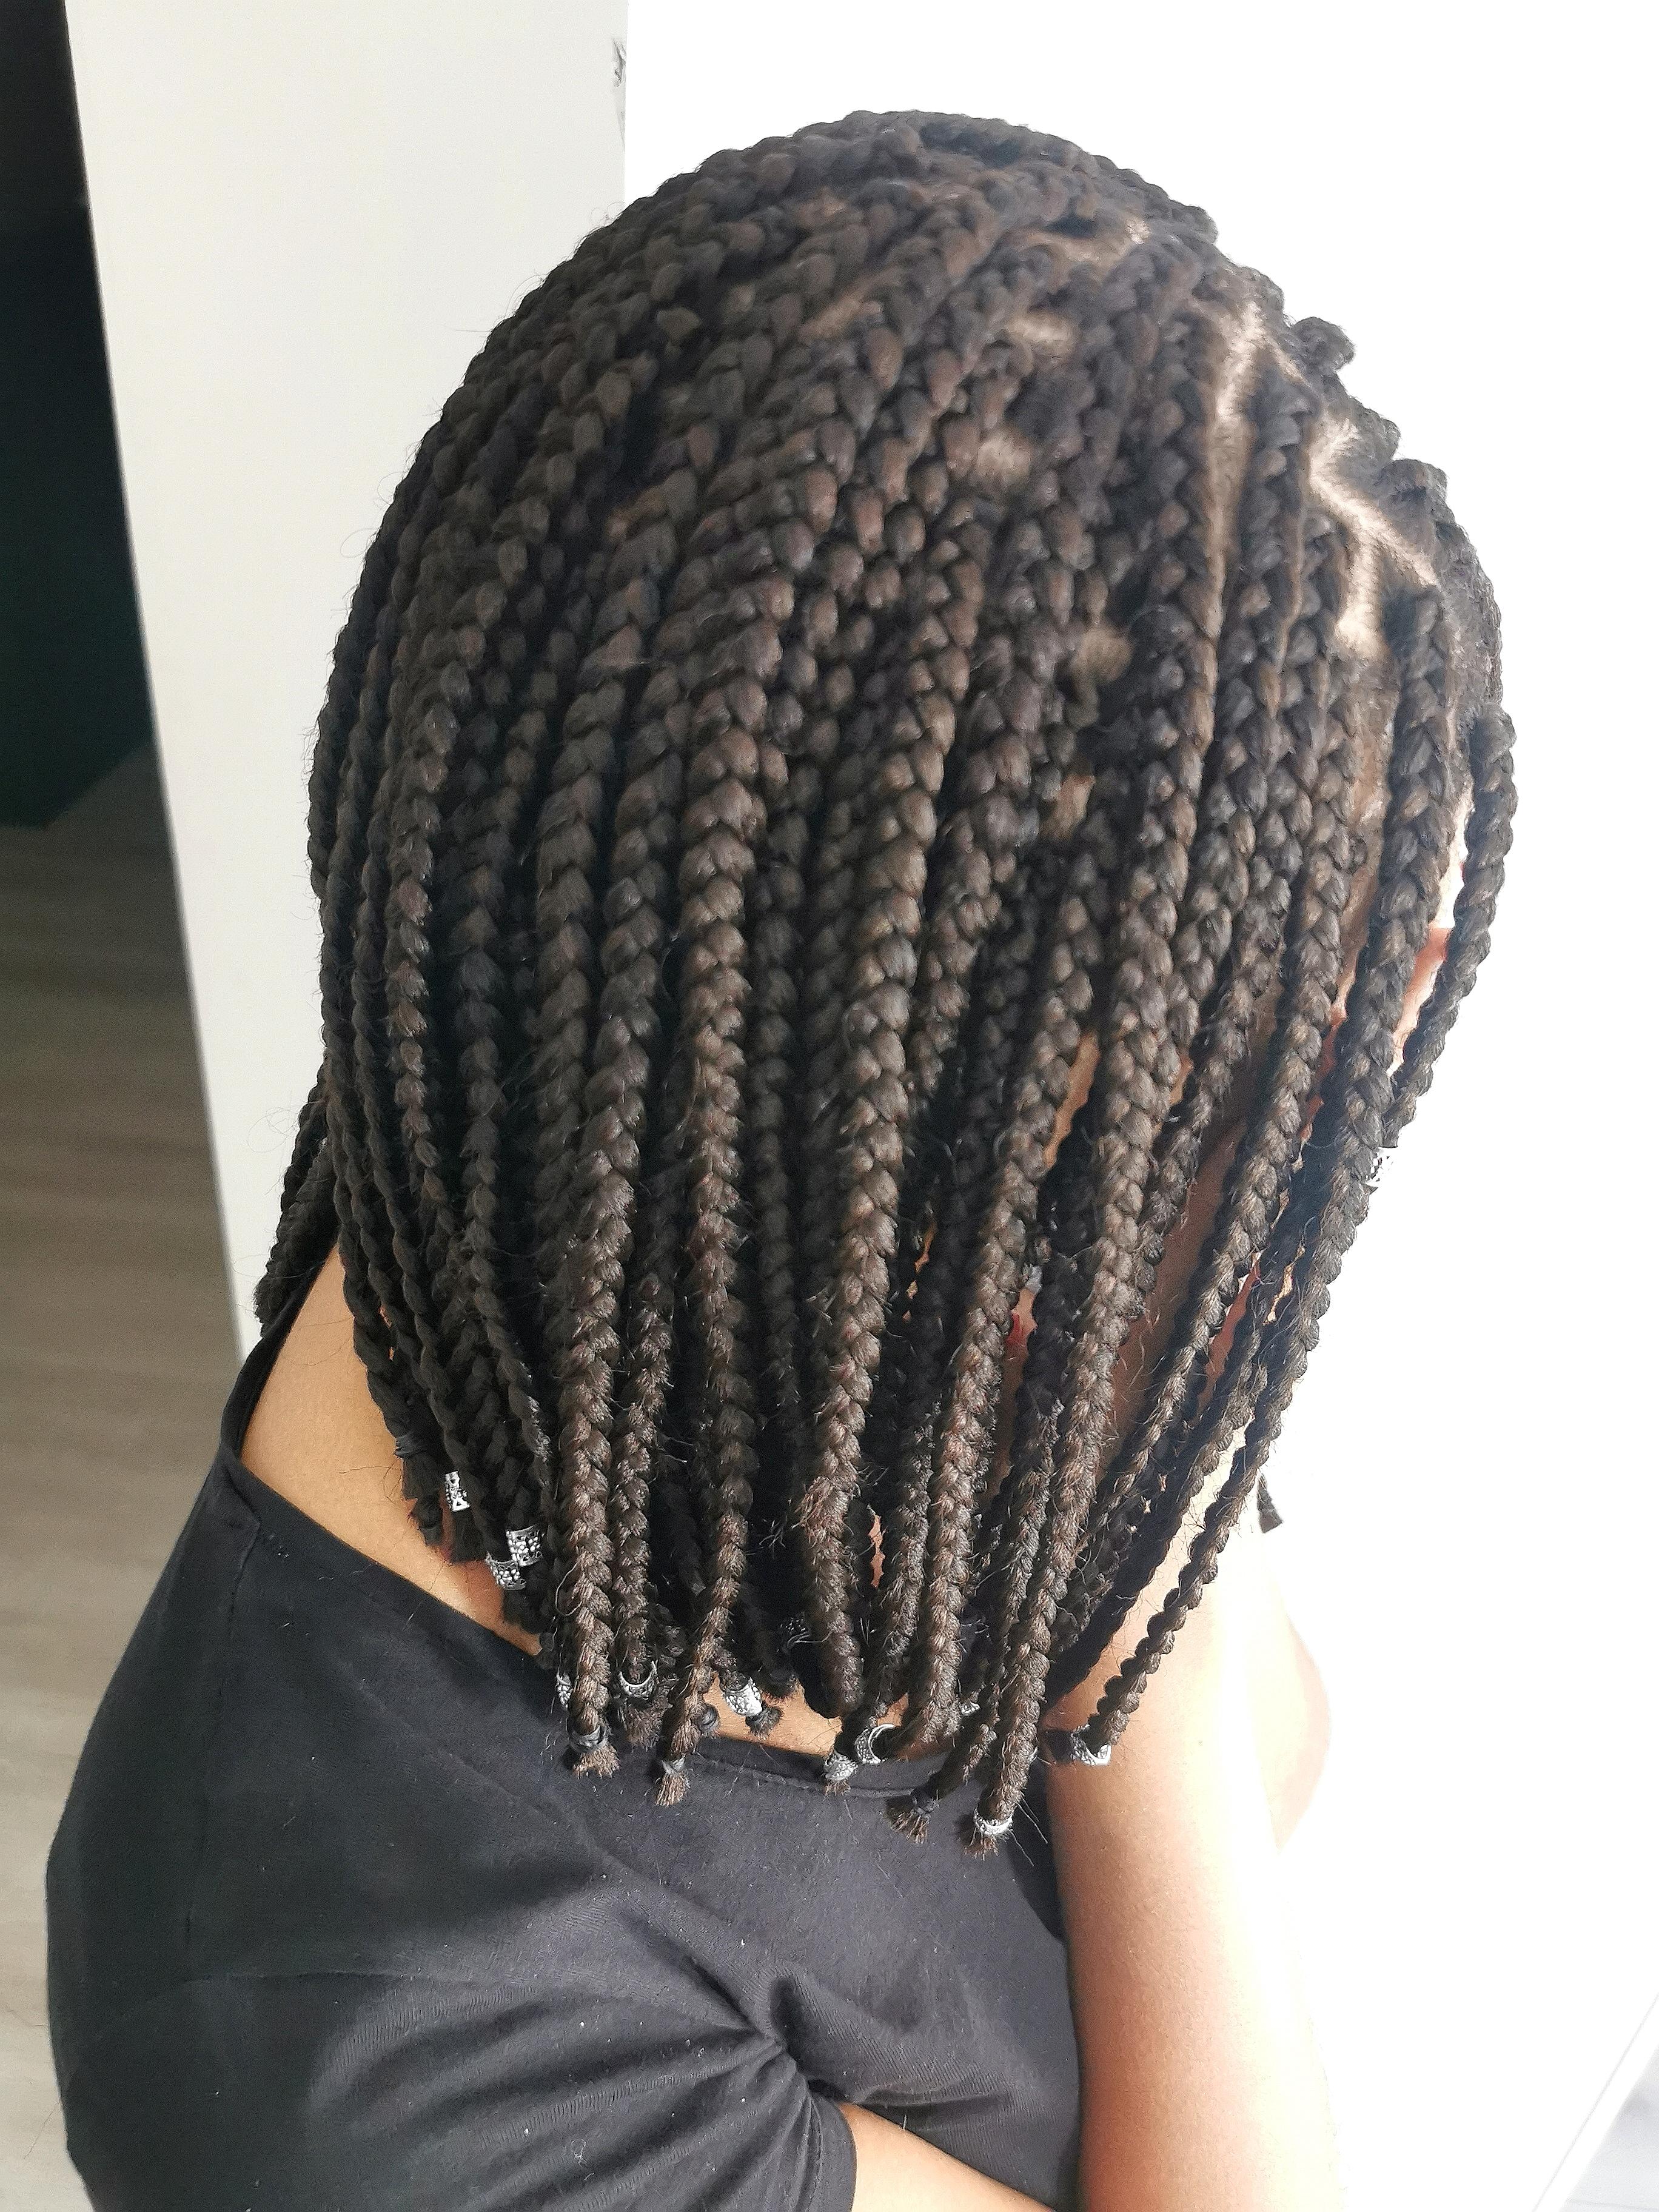 salon de coiffure afro tresse tresses box braids crochet braids vanilles tissages paris 75 77 78 91 92 93 94 95 SWKRJOXW